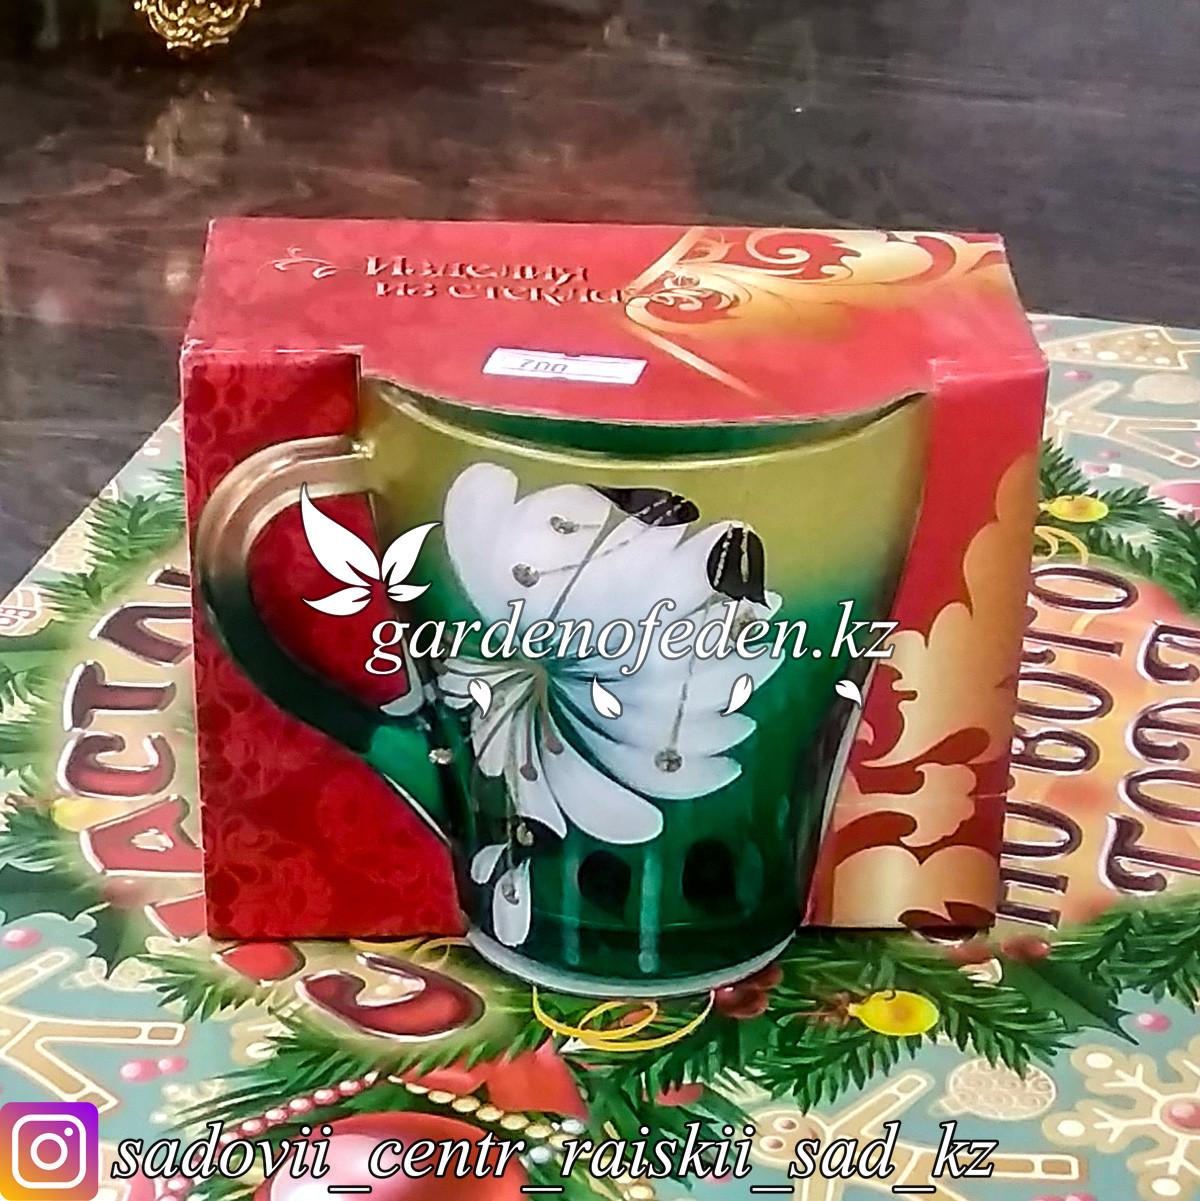 Кружка из цветного стекла с декором. Картонная упаковка. Цвет: Зеленый/Золотой.